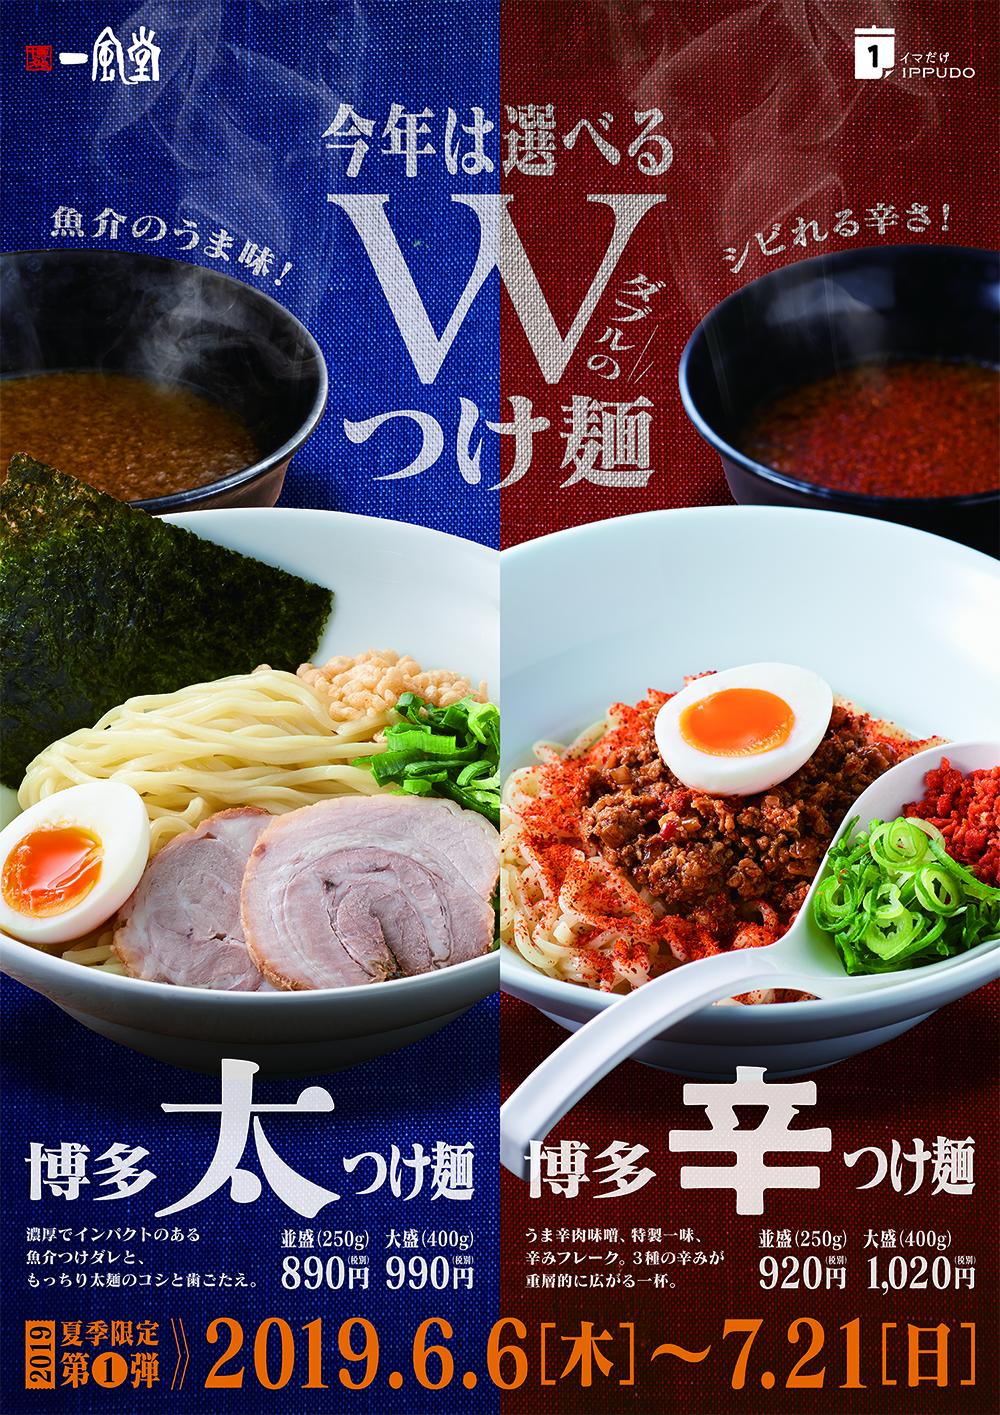 一風堂シーズナル_Wつけ麺_レギュラー_B1_ol